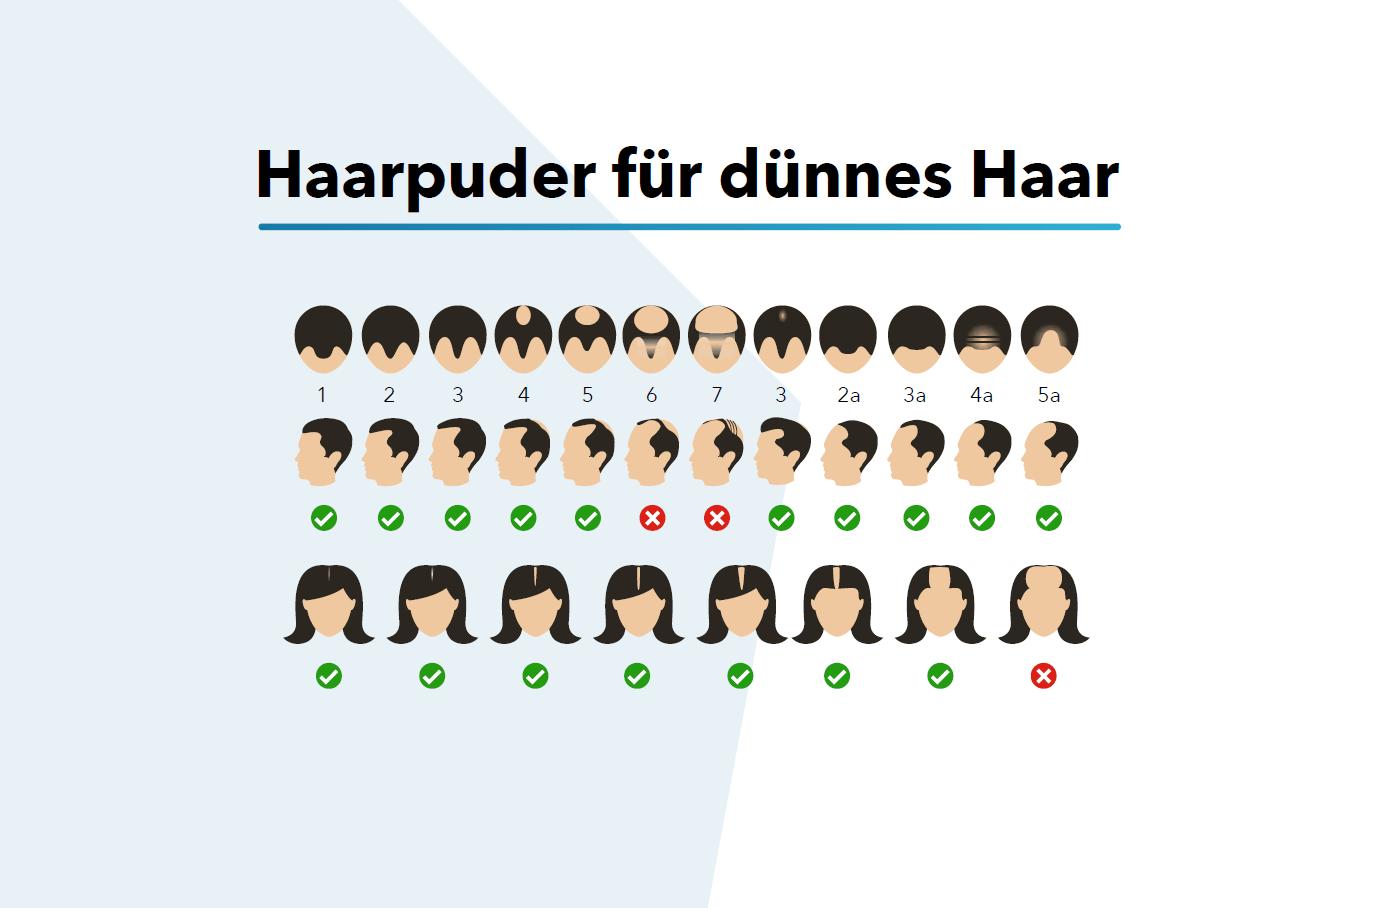 Haarpuder für dünnes Haar